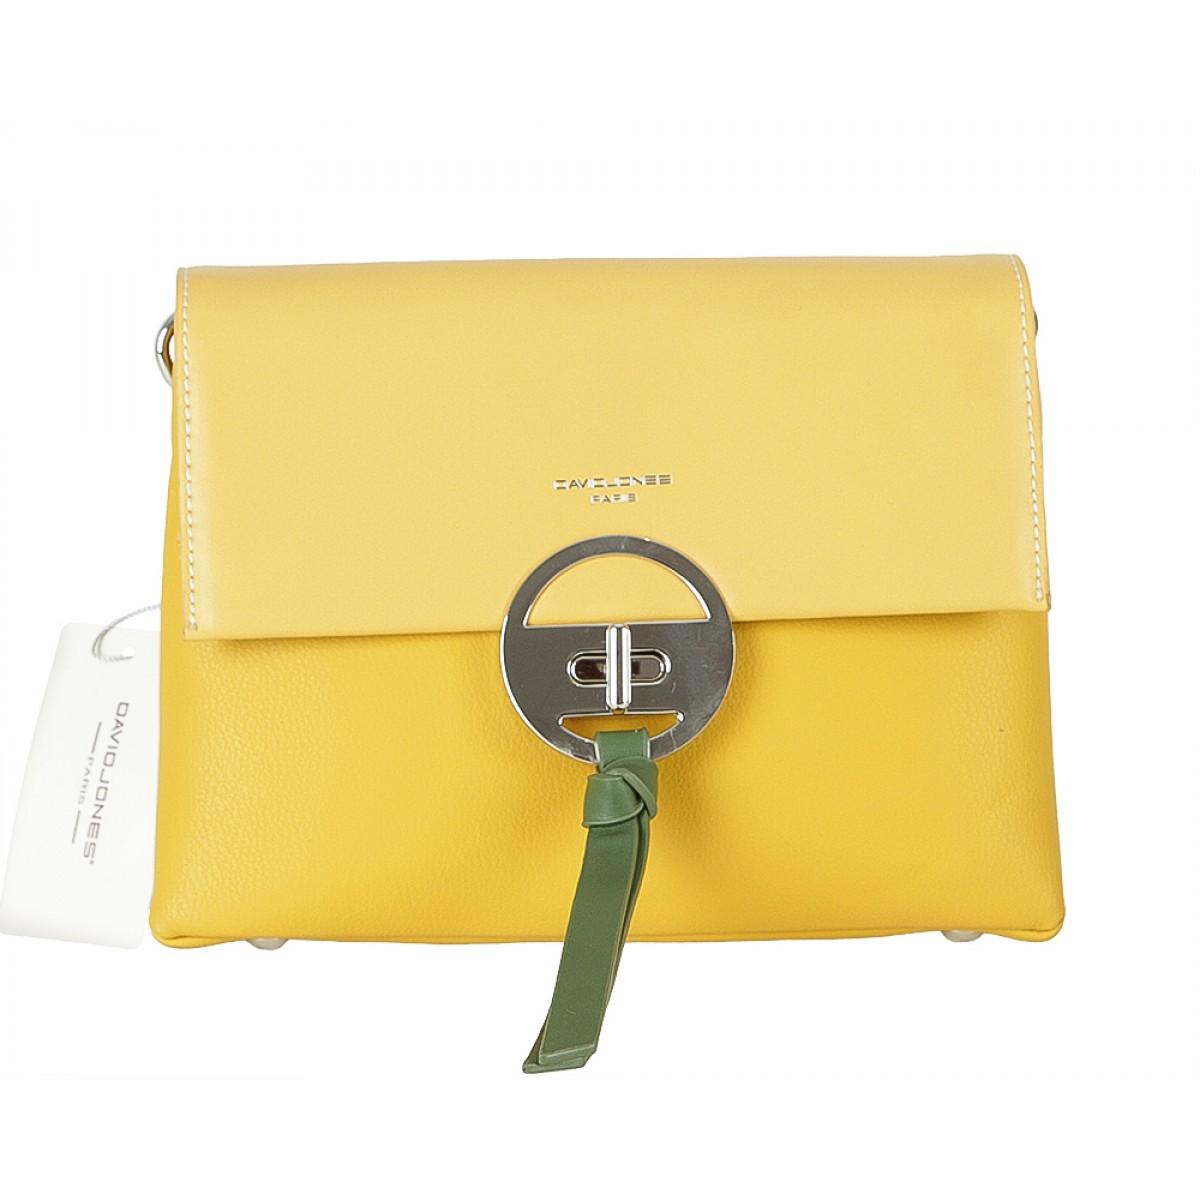 Жіноча сумка David Jones 6213-1 YELLOW